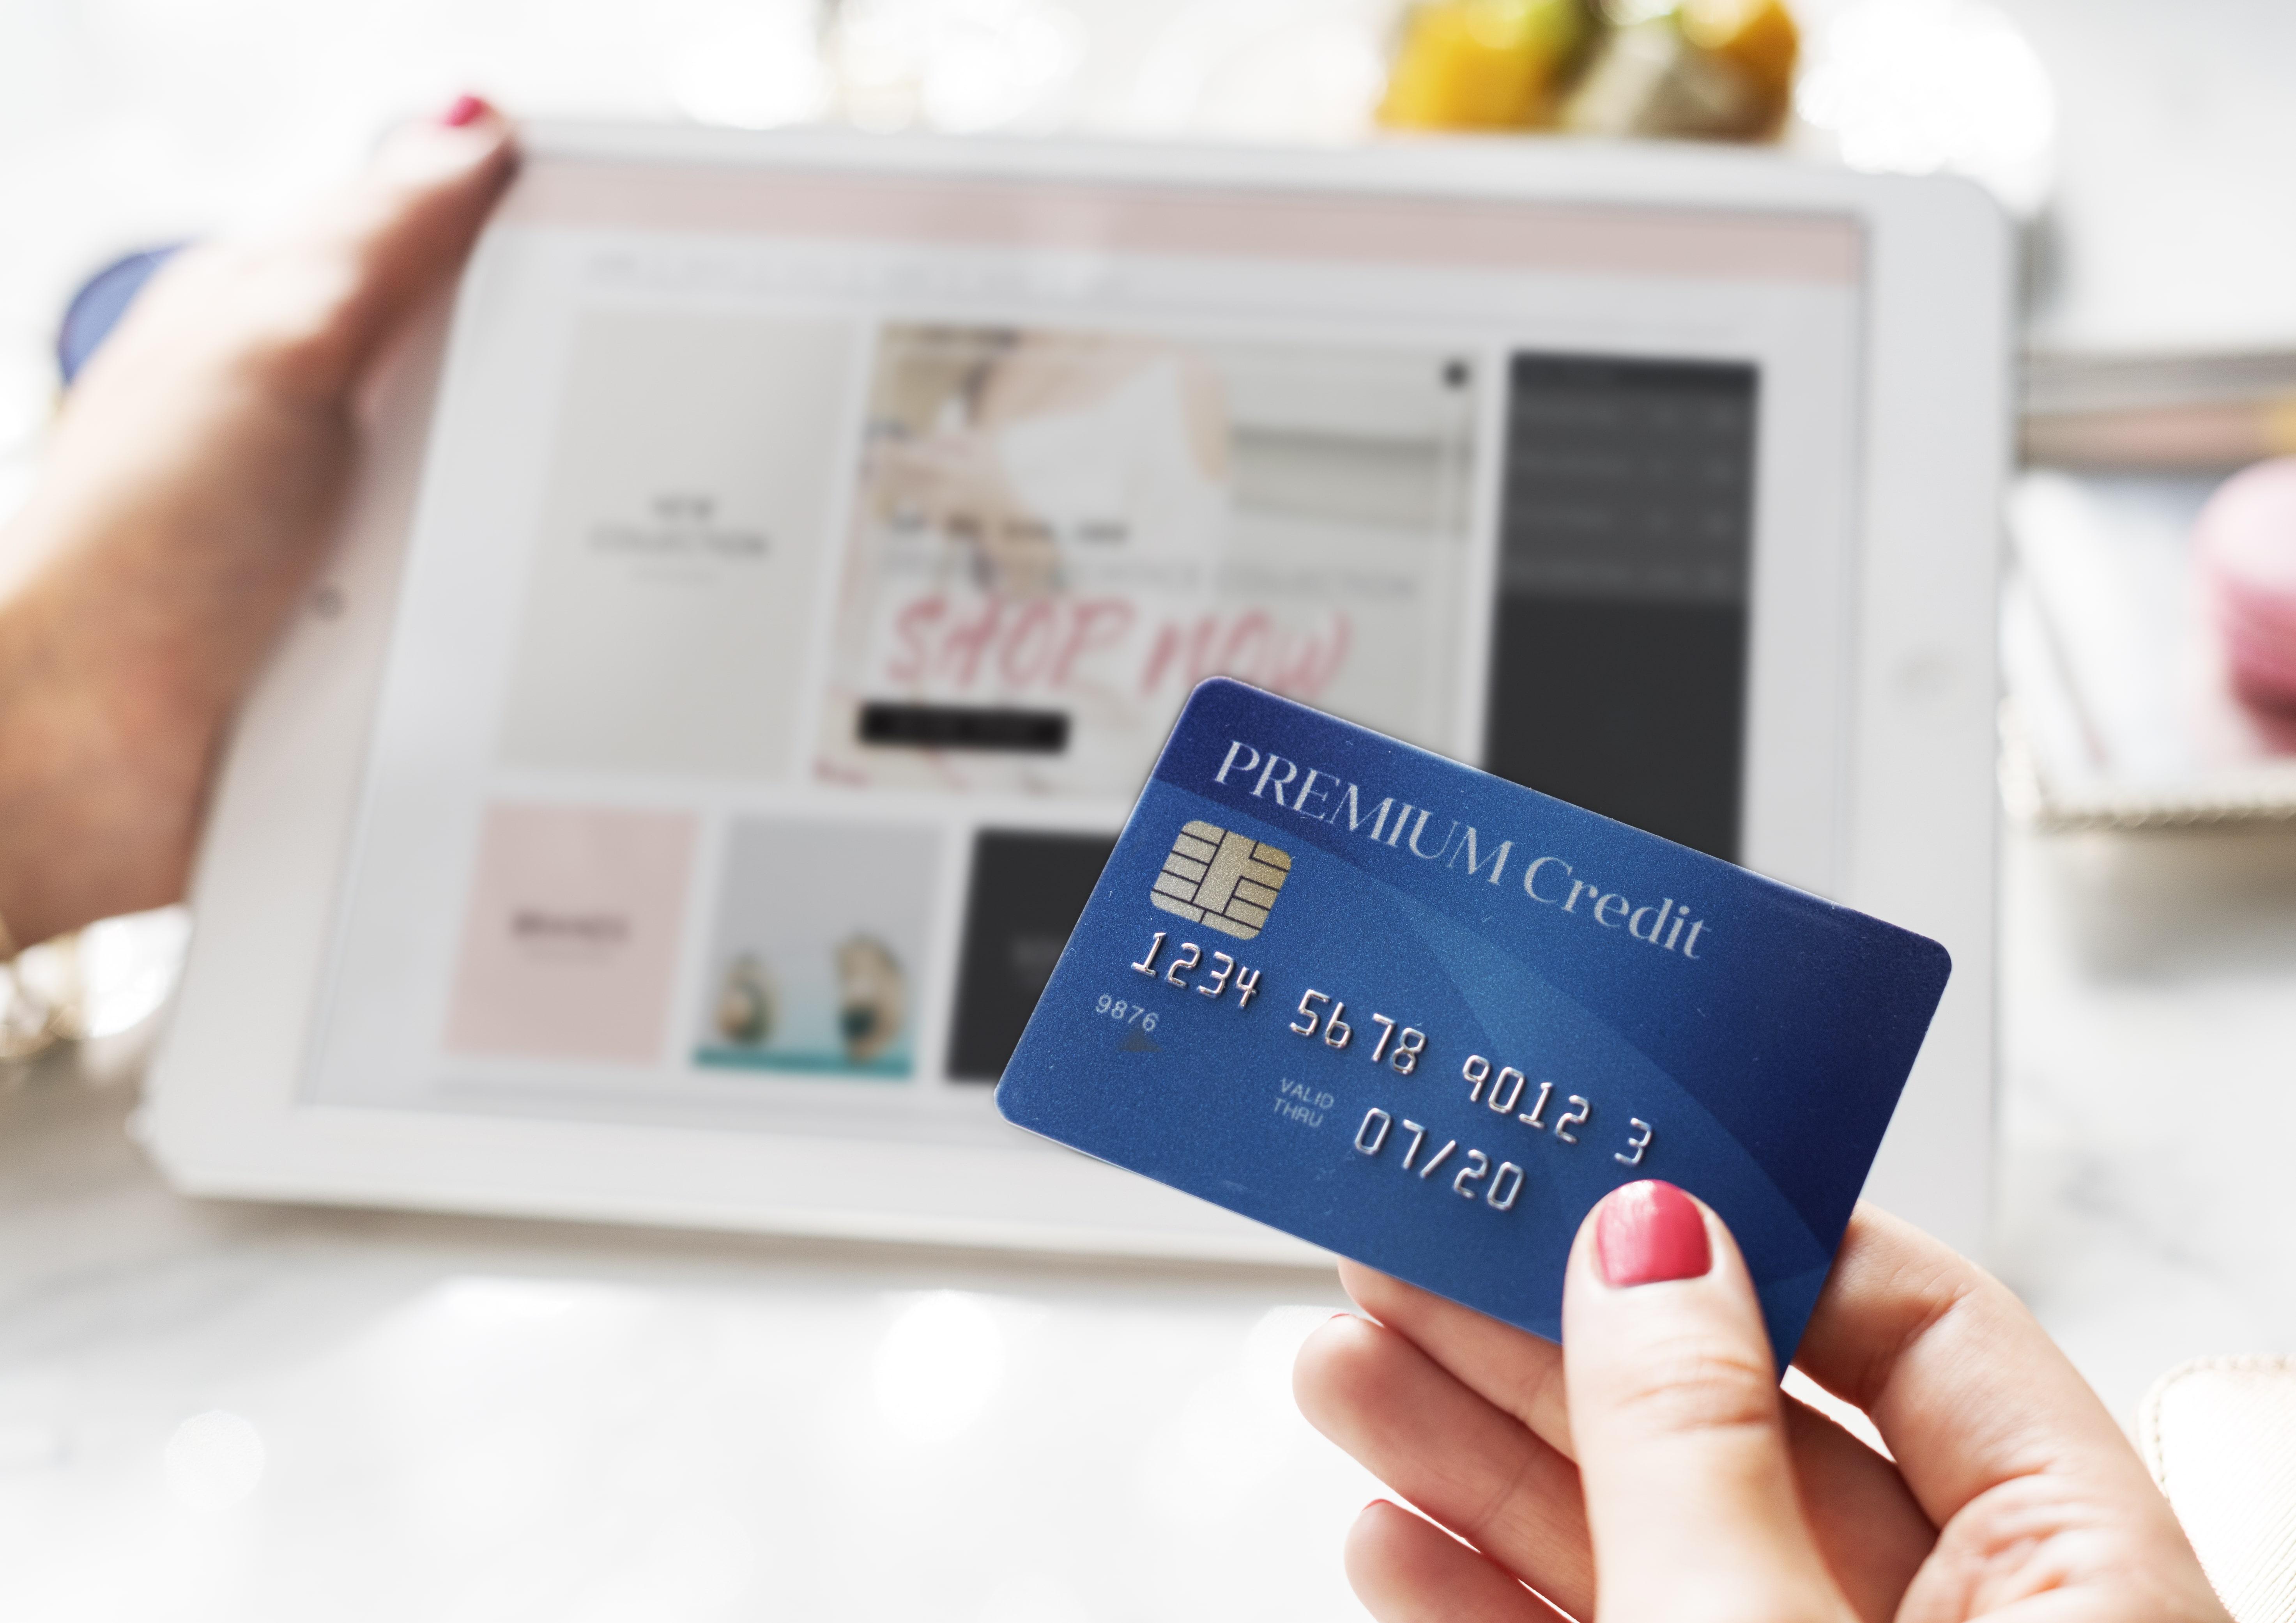 Compras en línea crecen pese al atraso en pagos digitales